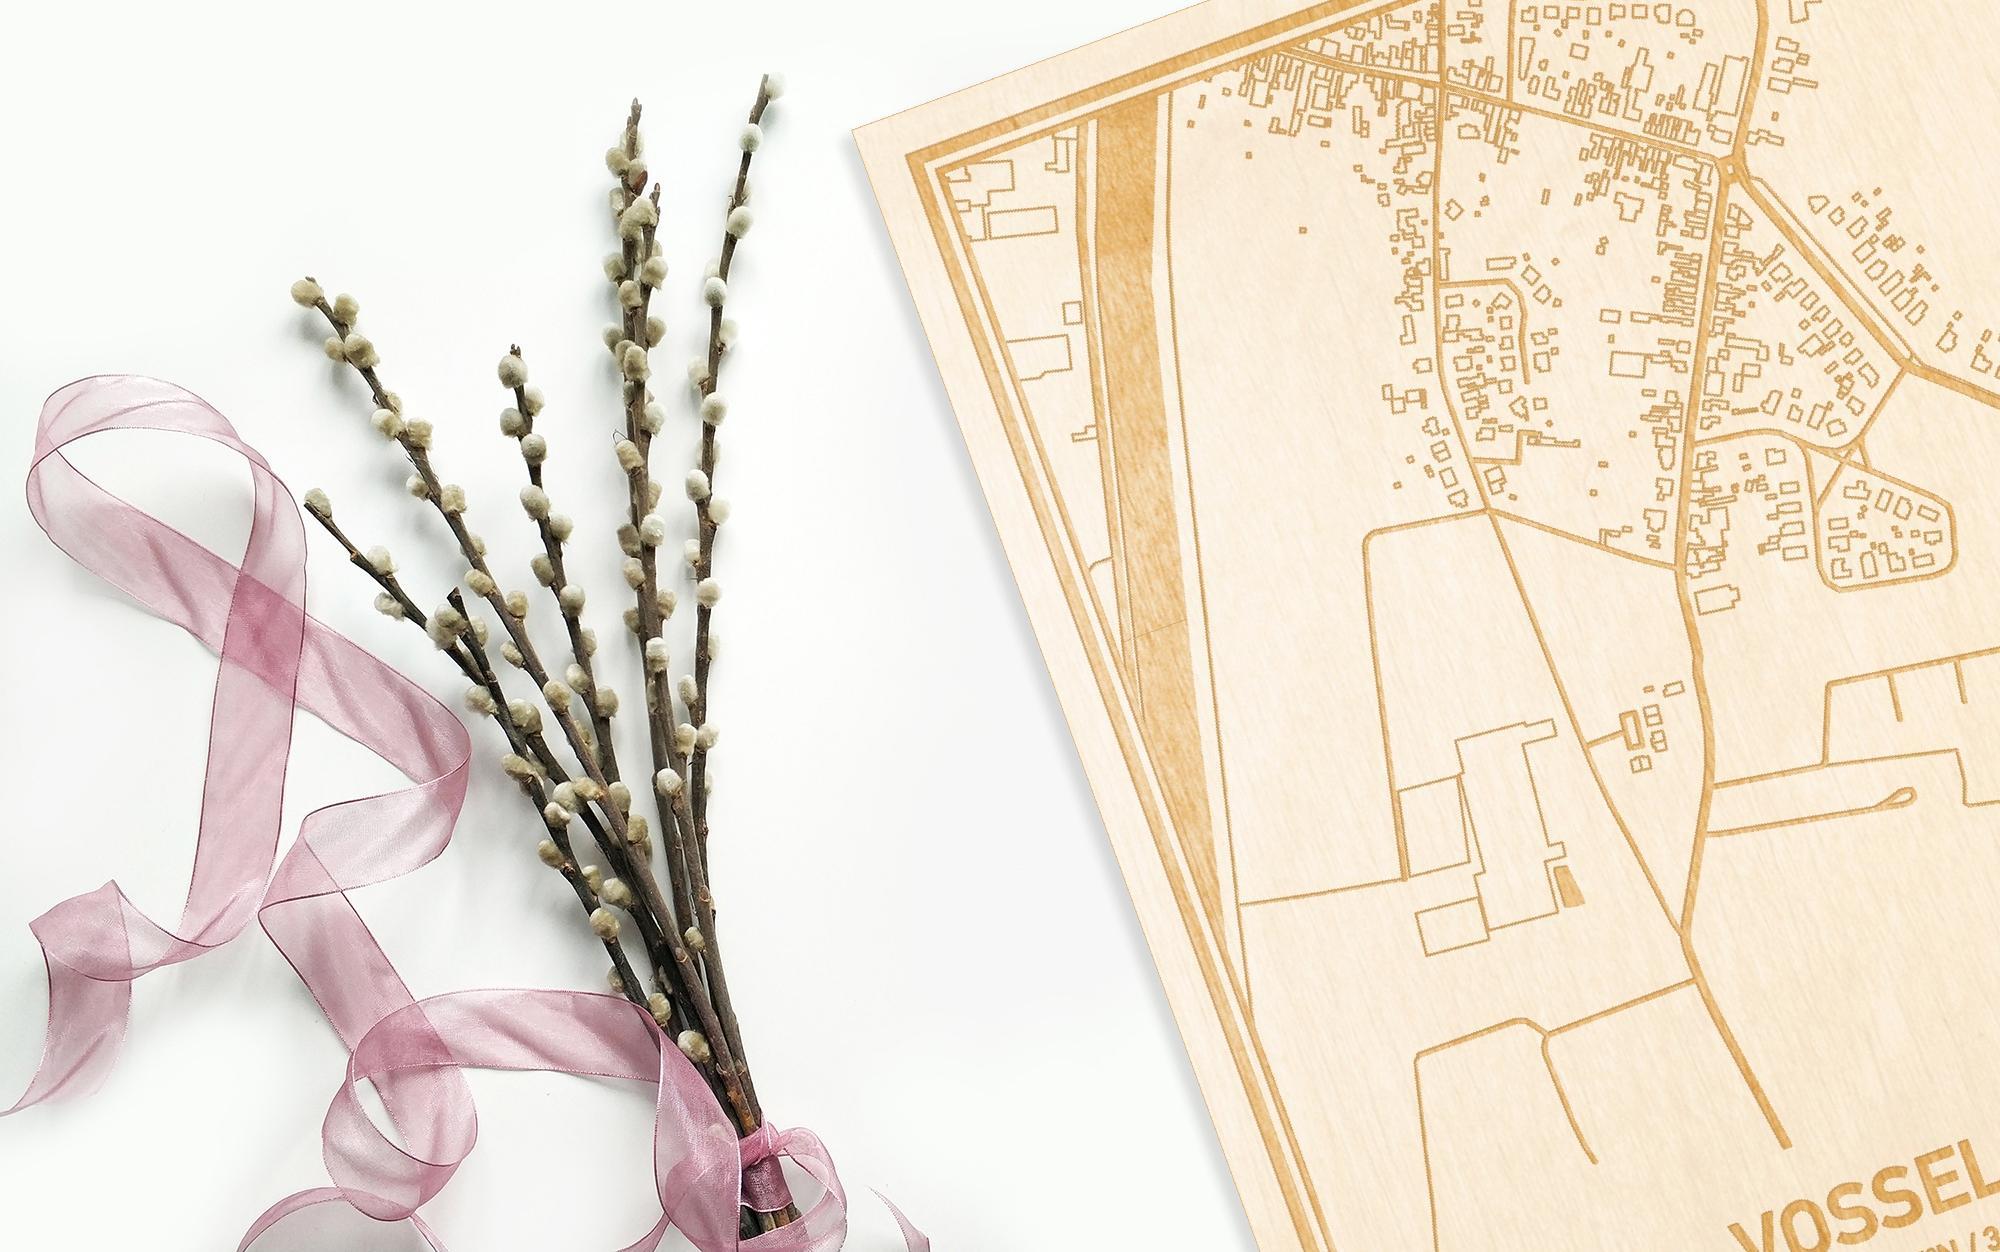 Hier ligt de houten plattegrond Vosselare naast een bloemetje als gepersonaliseerd cadeau voor haar.